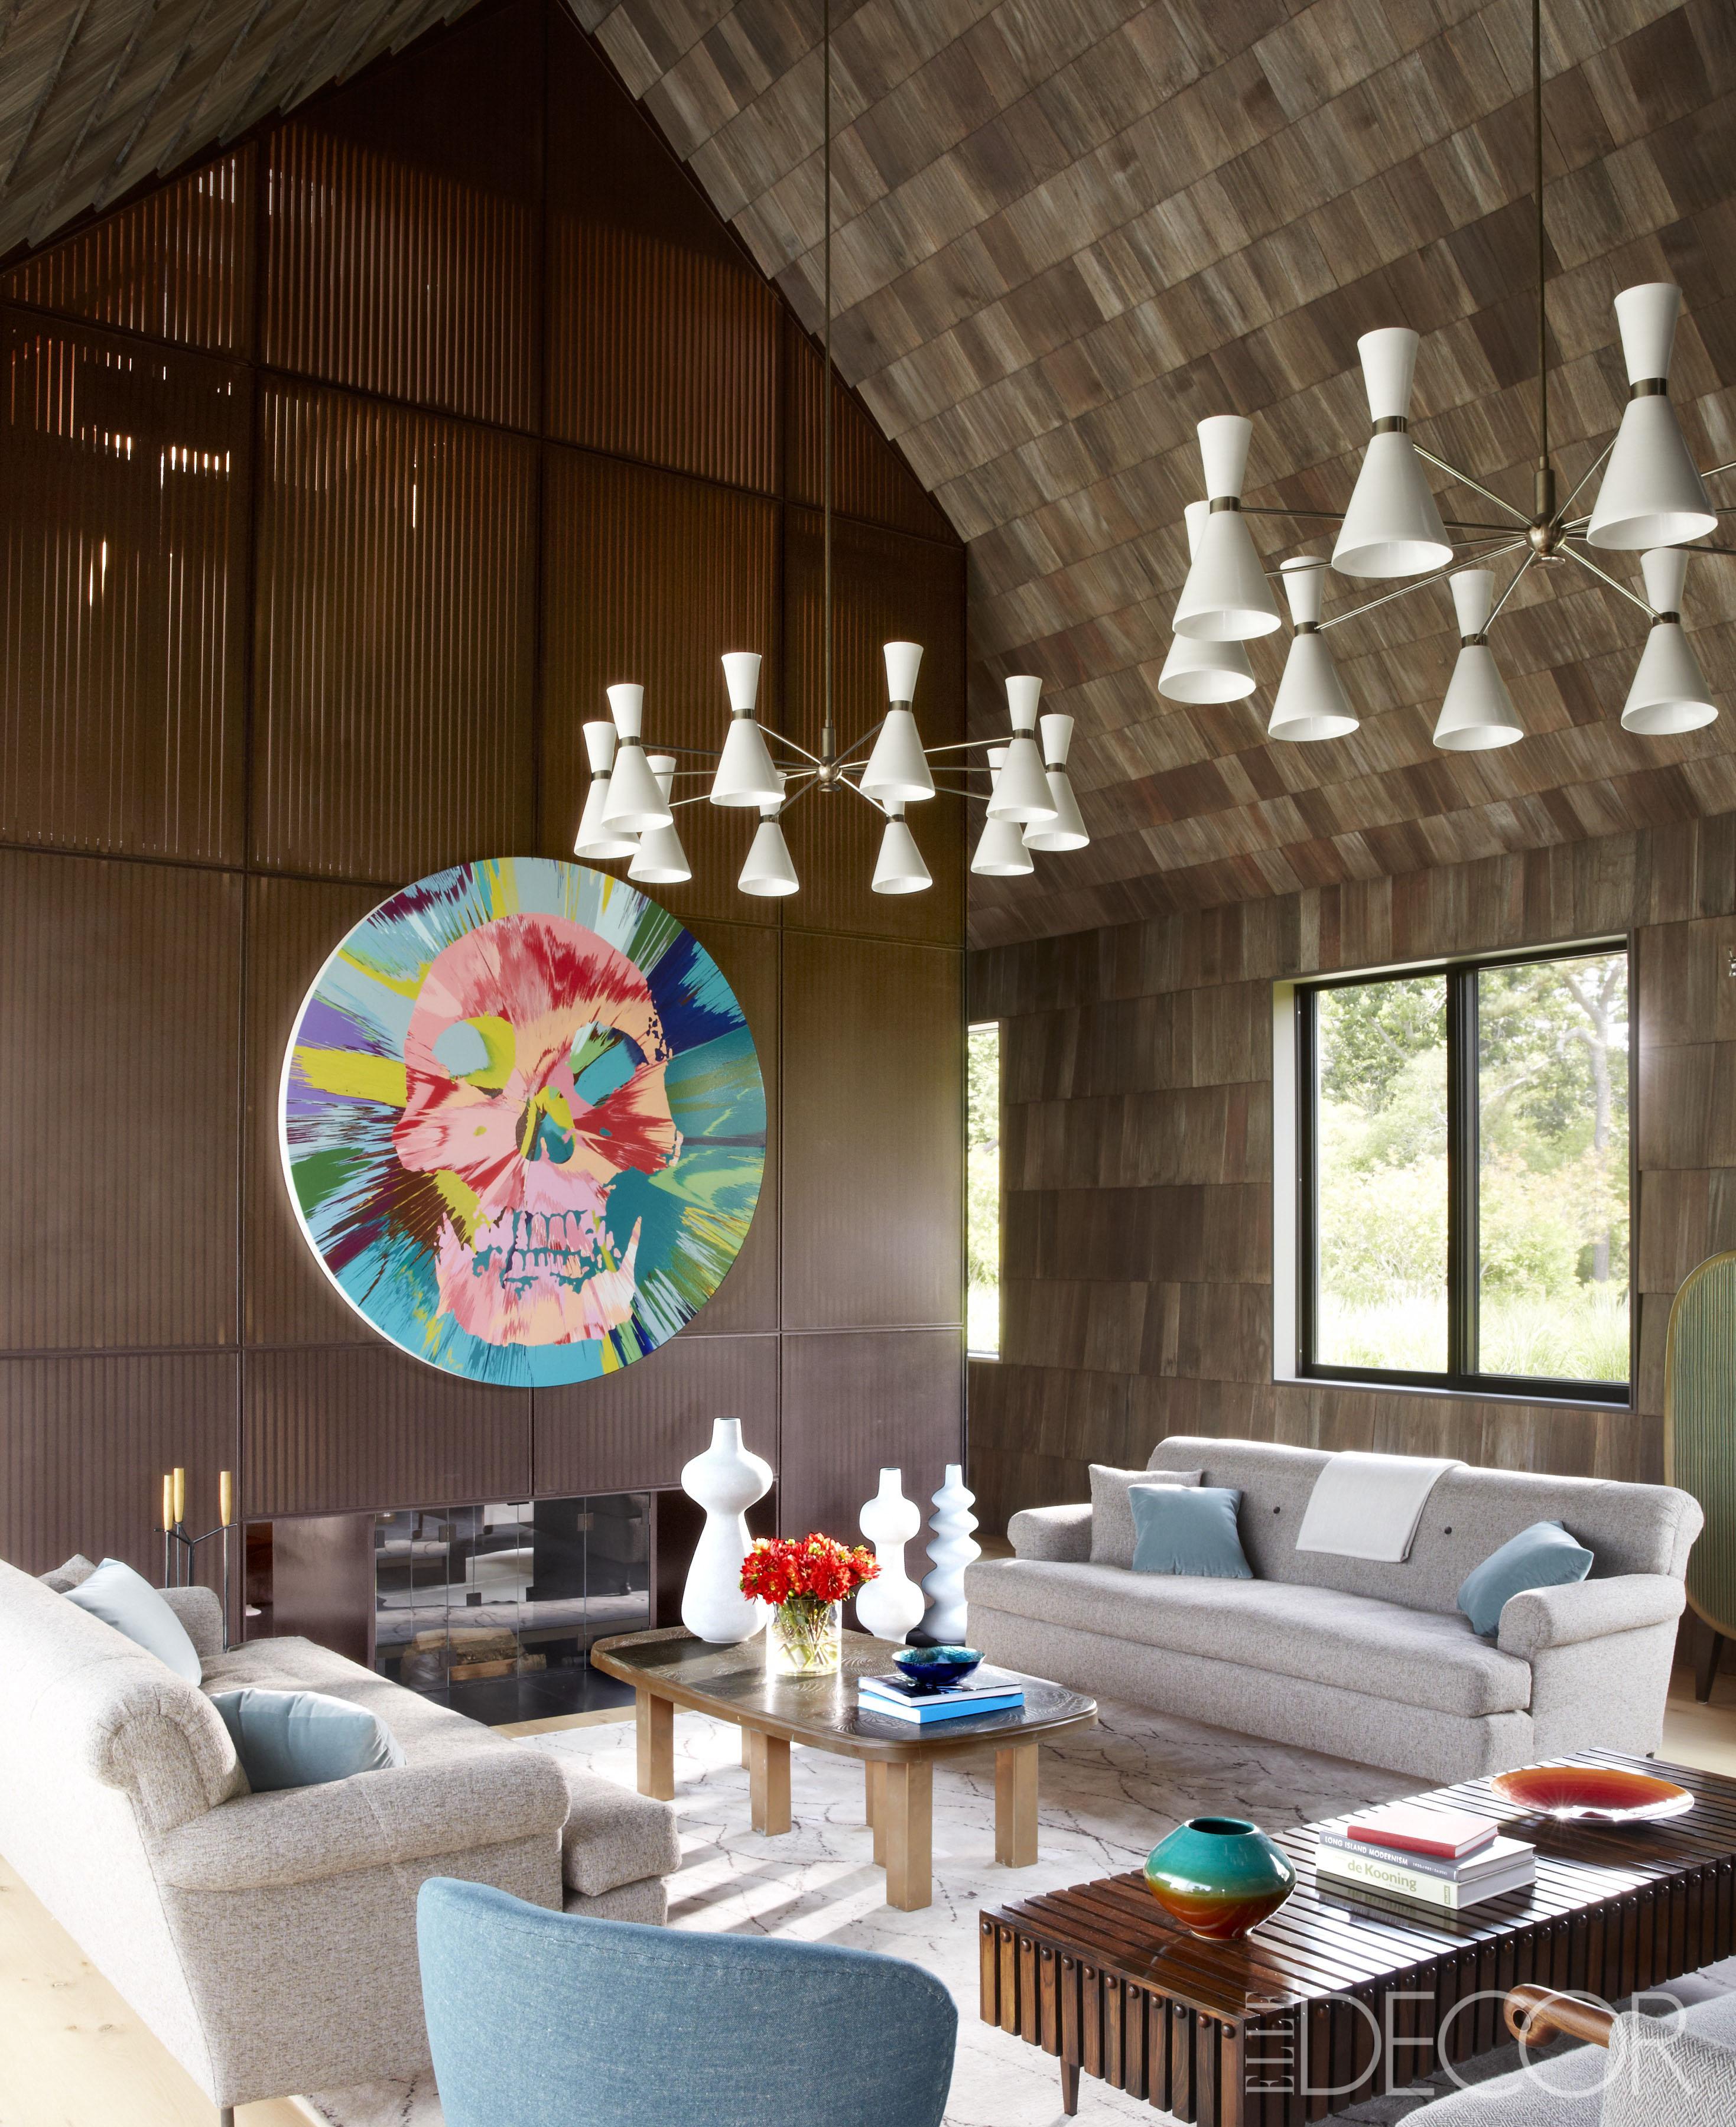 Trend Shake 40 Indigo Home Décor Ideas: HOUSE TOUR: Contemporary Decor Blends With Farmhouse